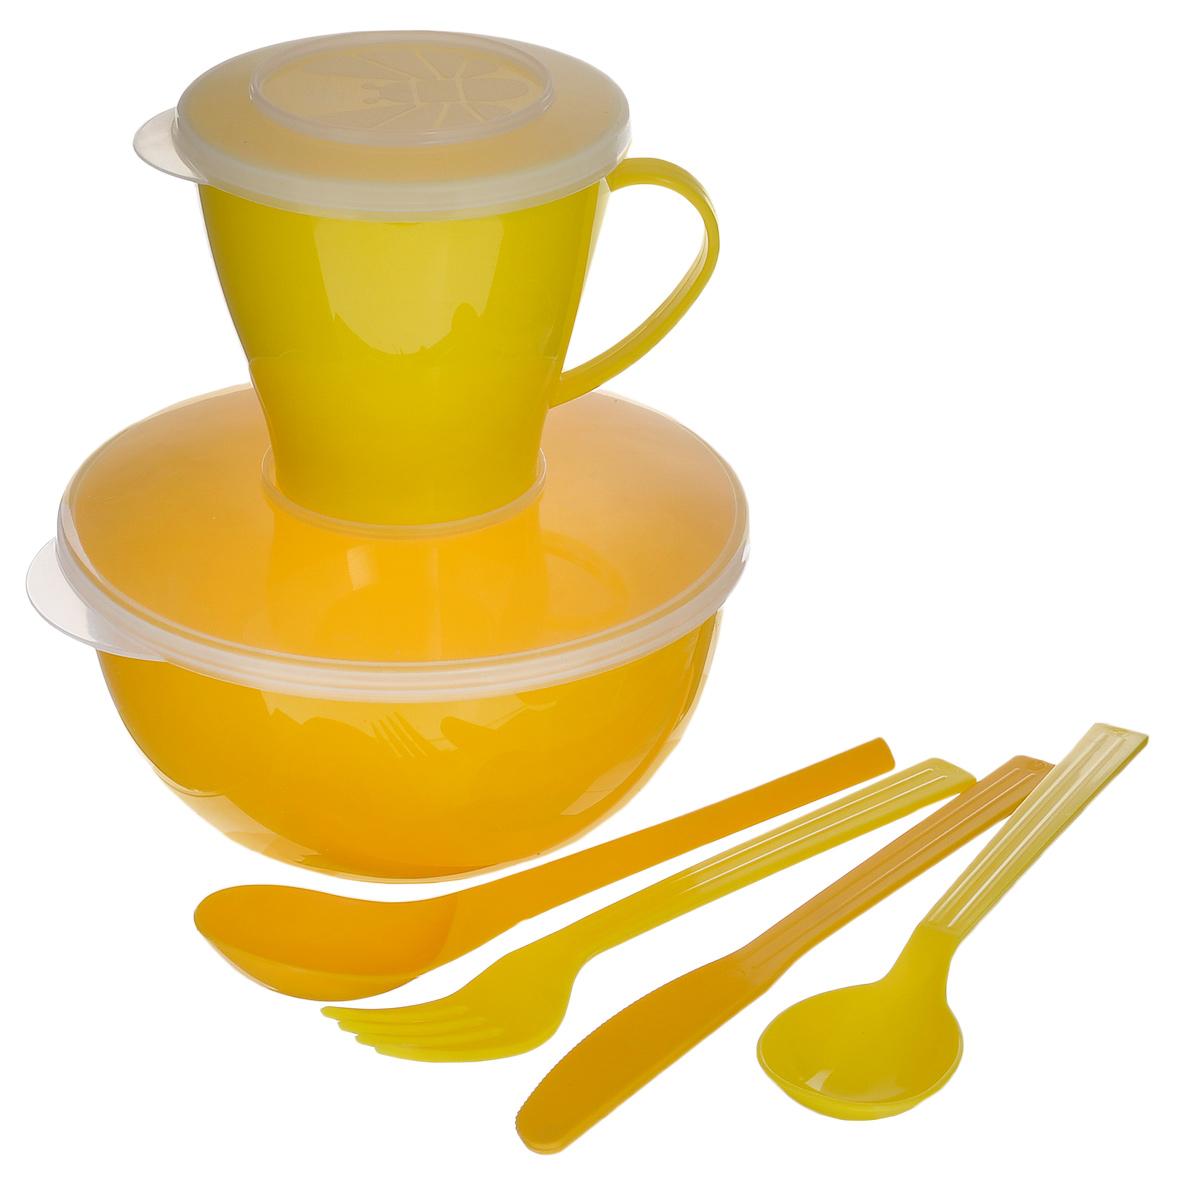 Набор посуды Solaris Походный, цвет: желтый, на 1 персону0003929Компактный минималистичный набор посуды Solaris Походный из качественного полипропилена, в удобной виниловой сумке с ручкой и молнией.Свойства посуды:Посуда из ударопрочного пищевого полипропилена предназначена для многократного использования. Легкая, прочная и износостойкая, экологически чистая, эта посуда работает в диапазоне температур от -25°С до +110°С. Можно мыть в посудомоечной машине. Эта посуда также обеспечивает:Хранение горячих и холодных пищевых продуктов;Разогрев продуктов в микроволновой печи;Приготовление пищи в микроволновой печи на пару (пароварка);Хранение продуктов в холодильной и морозильной камере;Кипячение воды с помощью электрокипятильника.Состав набора:Миска с герметичной крышкой, 1 л;Чашка с герметичной крышкой, 0,36 л;Вилка;Ложка столовая;Нож;Ложка чайная.Диаметр миски: 15 см.Высота миски: 7,5 см.Диаметр чашки по верхнему краю: 9,1 см.Диаметр дна чашки: 5,7 см.Высота чашки: 8,7 см.Длина ложки: 19 см.Длина вилки: 19 см.Длина ножа: 19 см.Длина чайной ложки: 13,5 см.